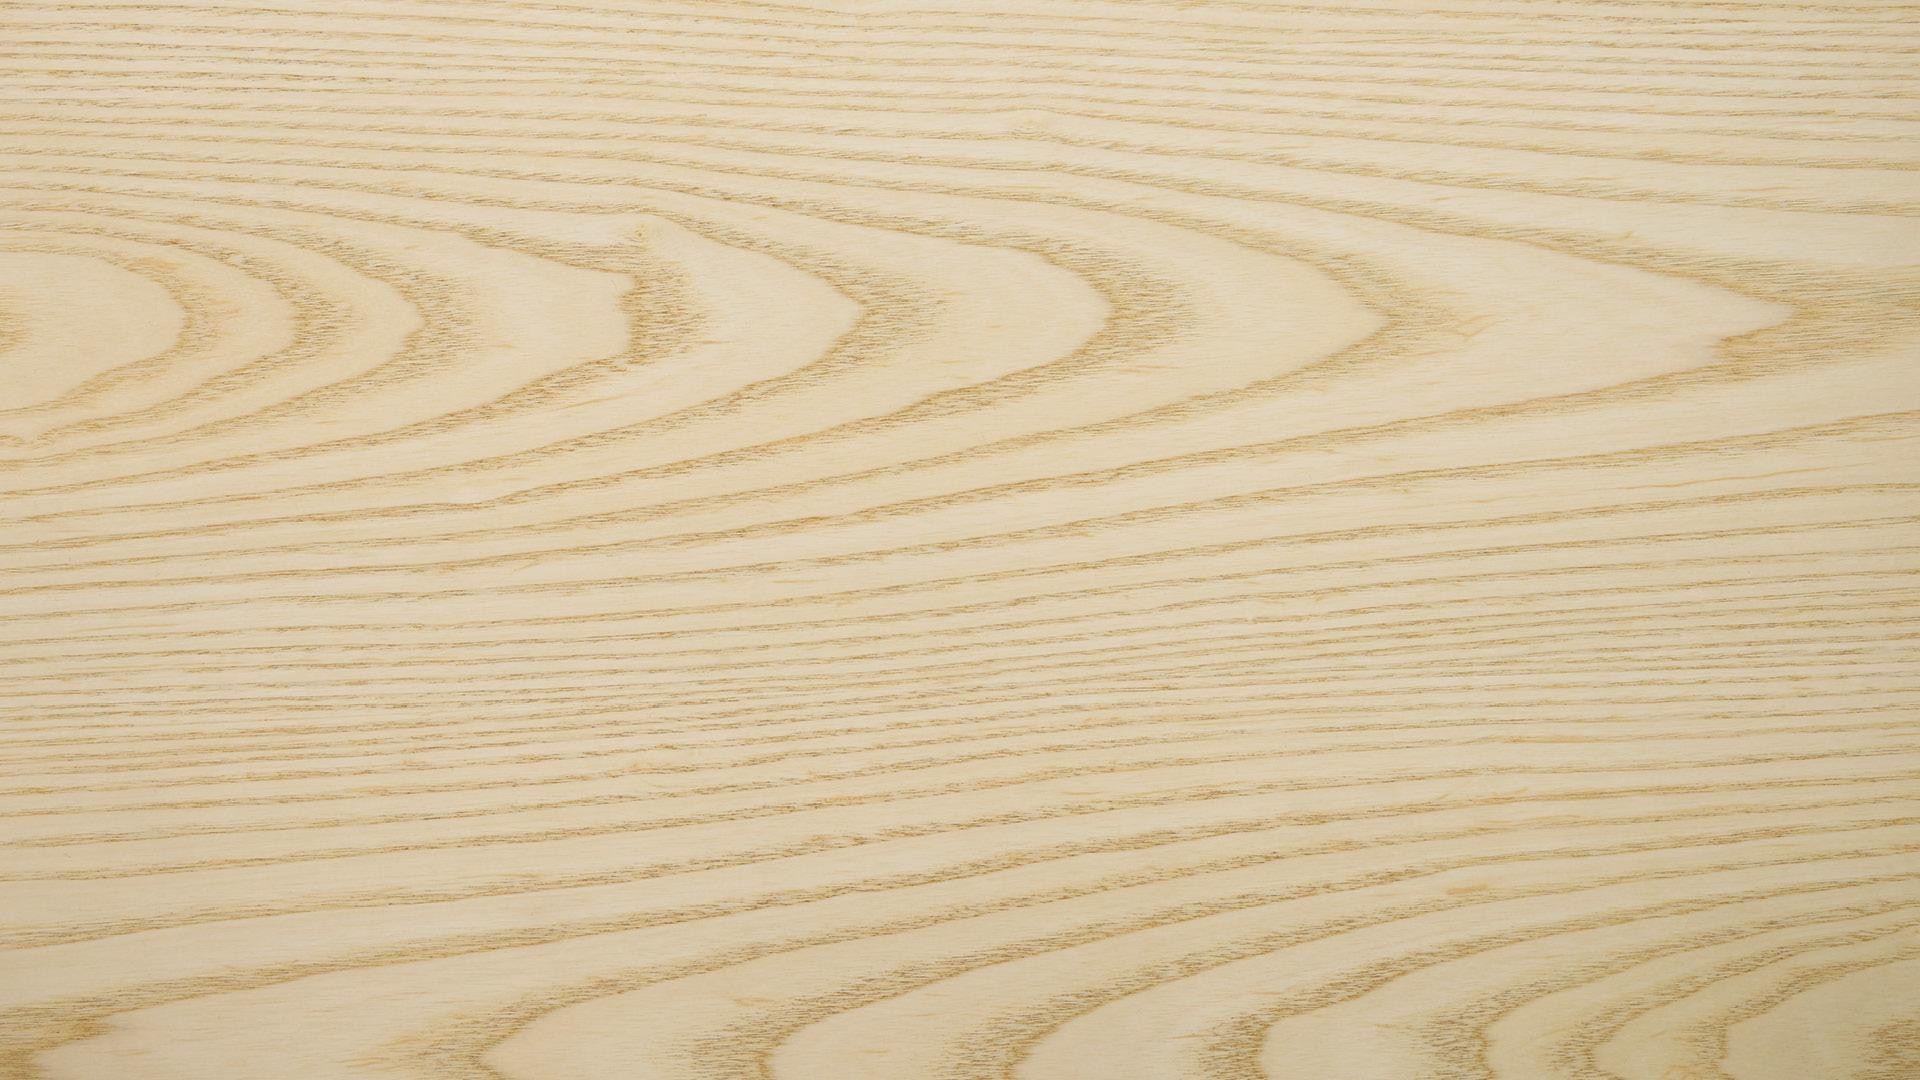 北美白蜡木皮双面包裹,温润木感凹凸可触